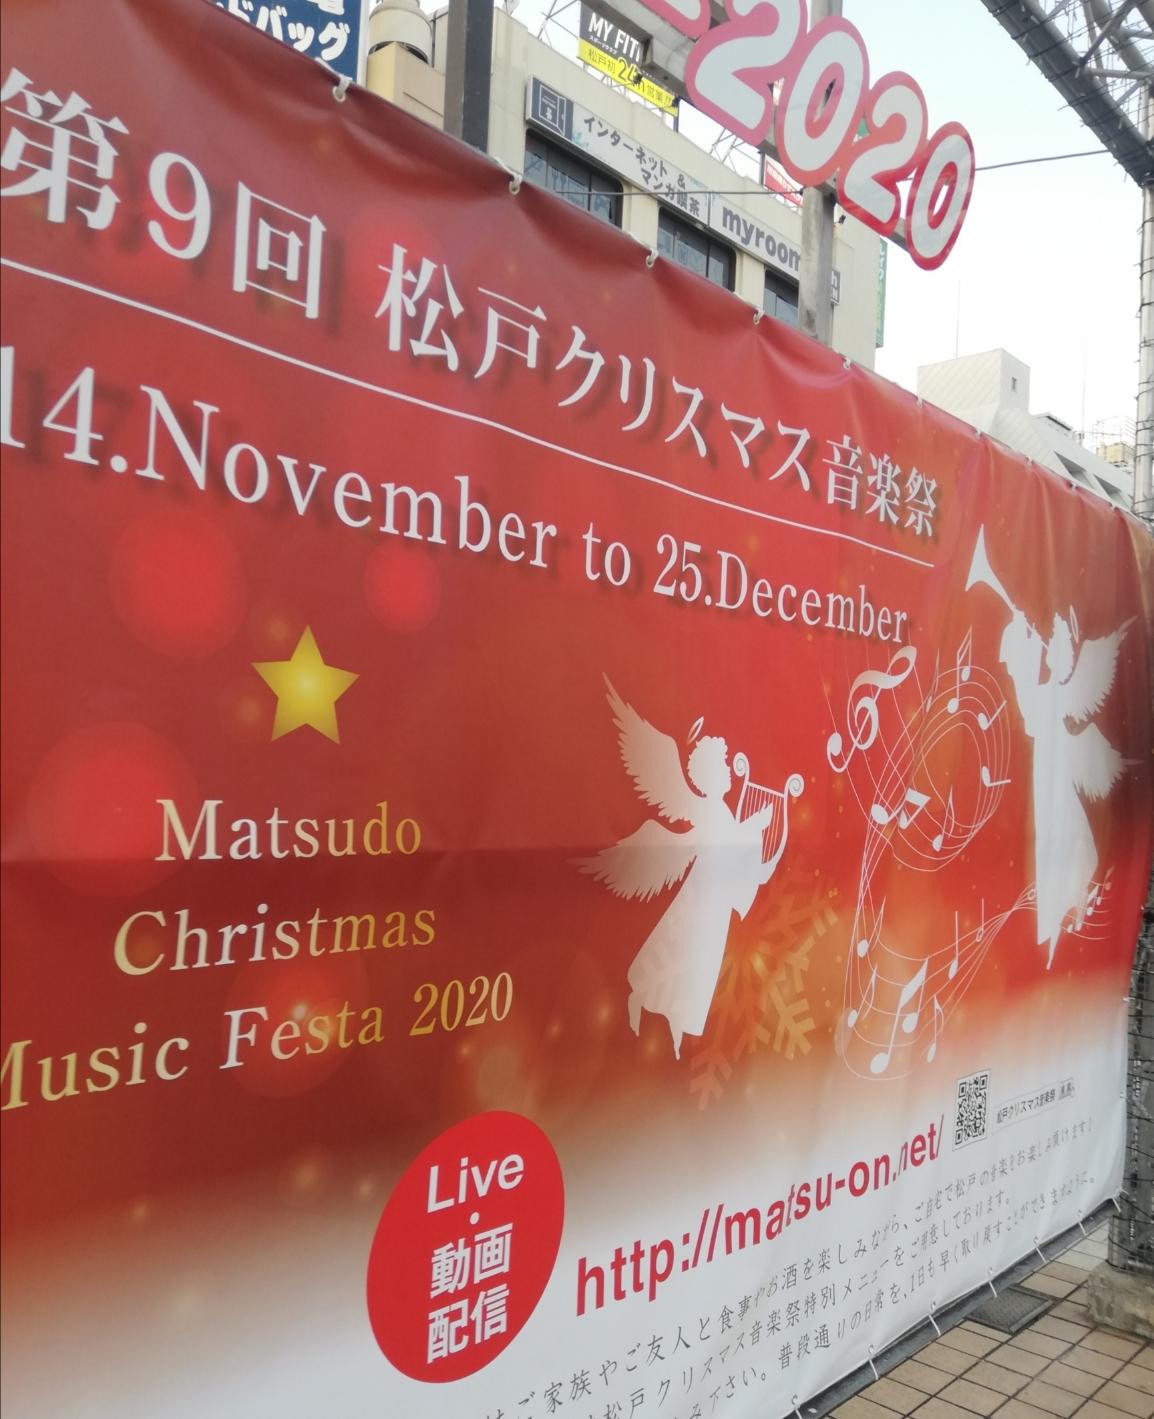 松戸クリスマス音楽祭2020松戸クリスマスファンタジー